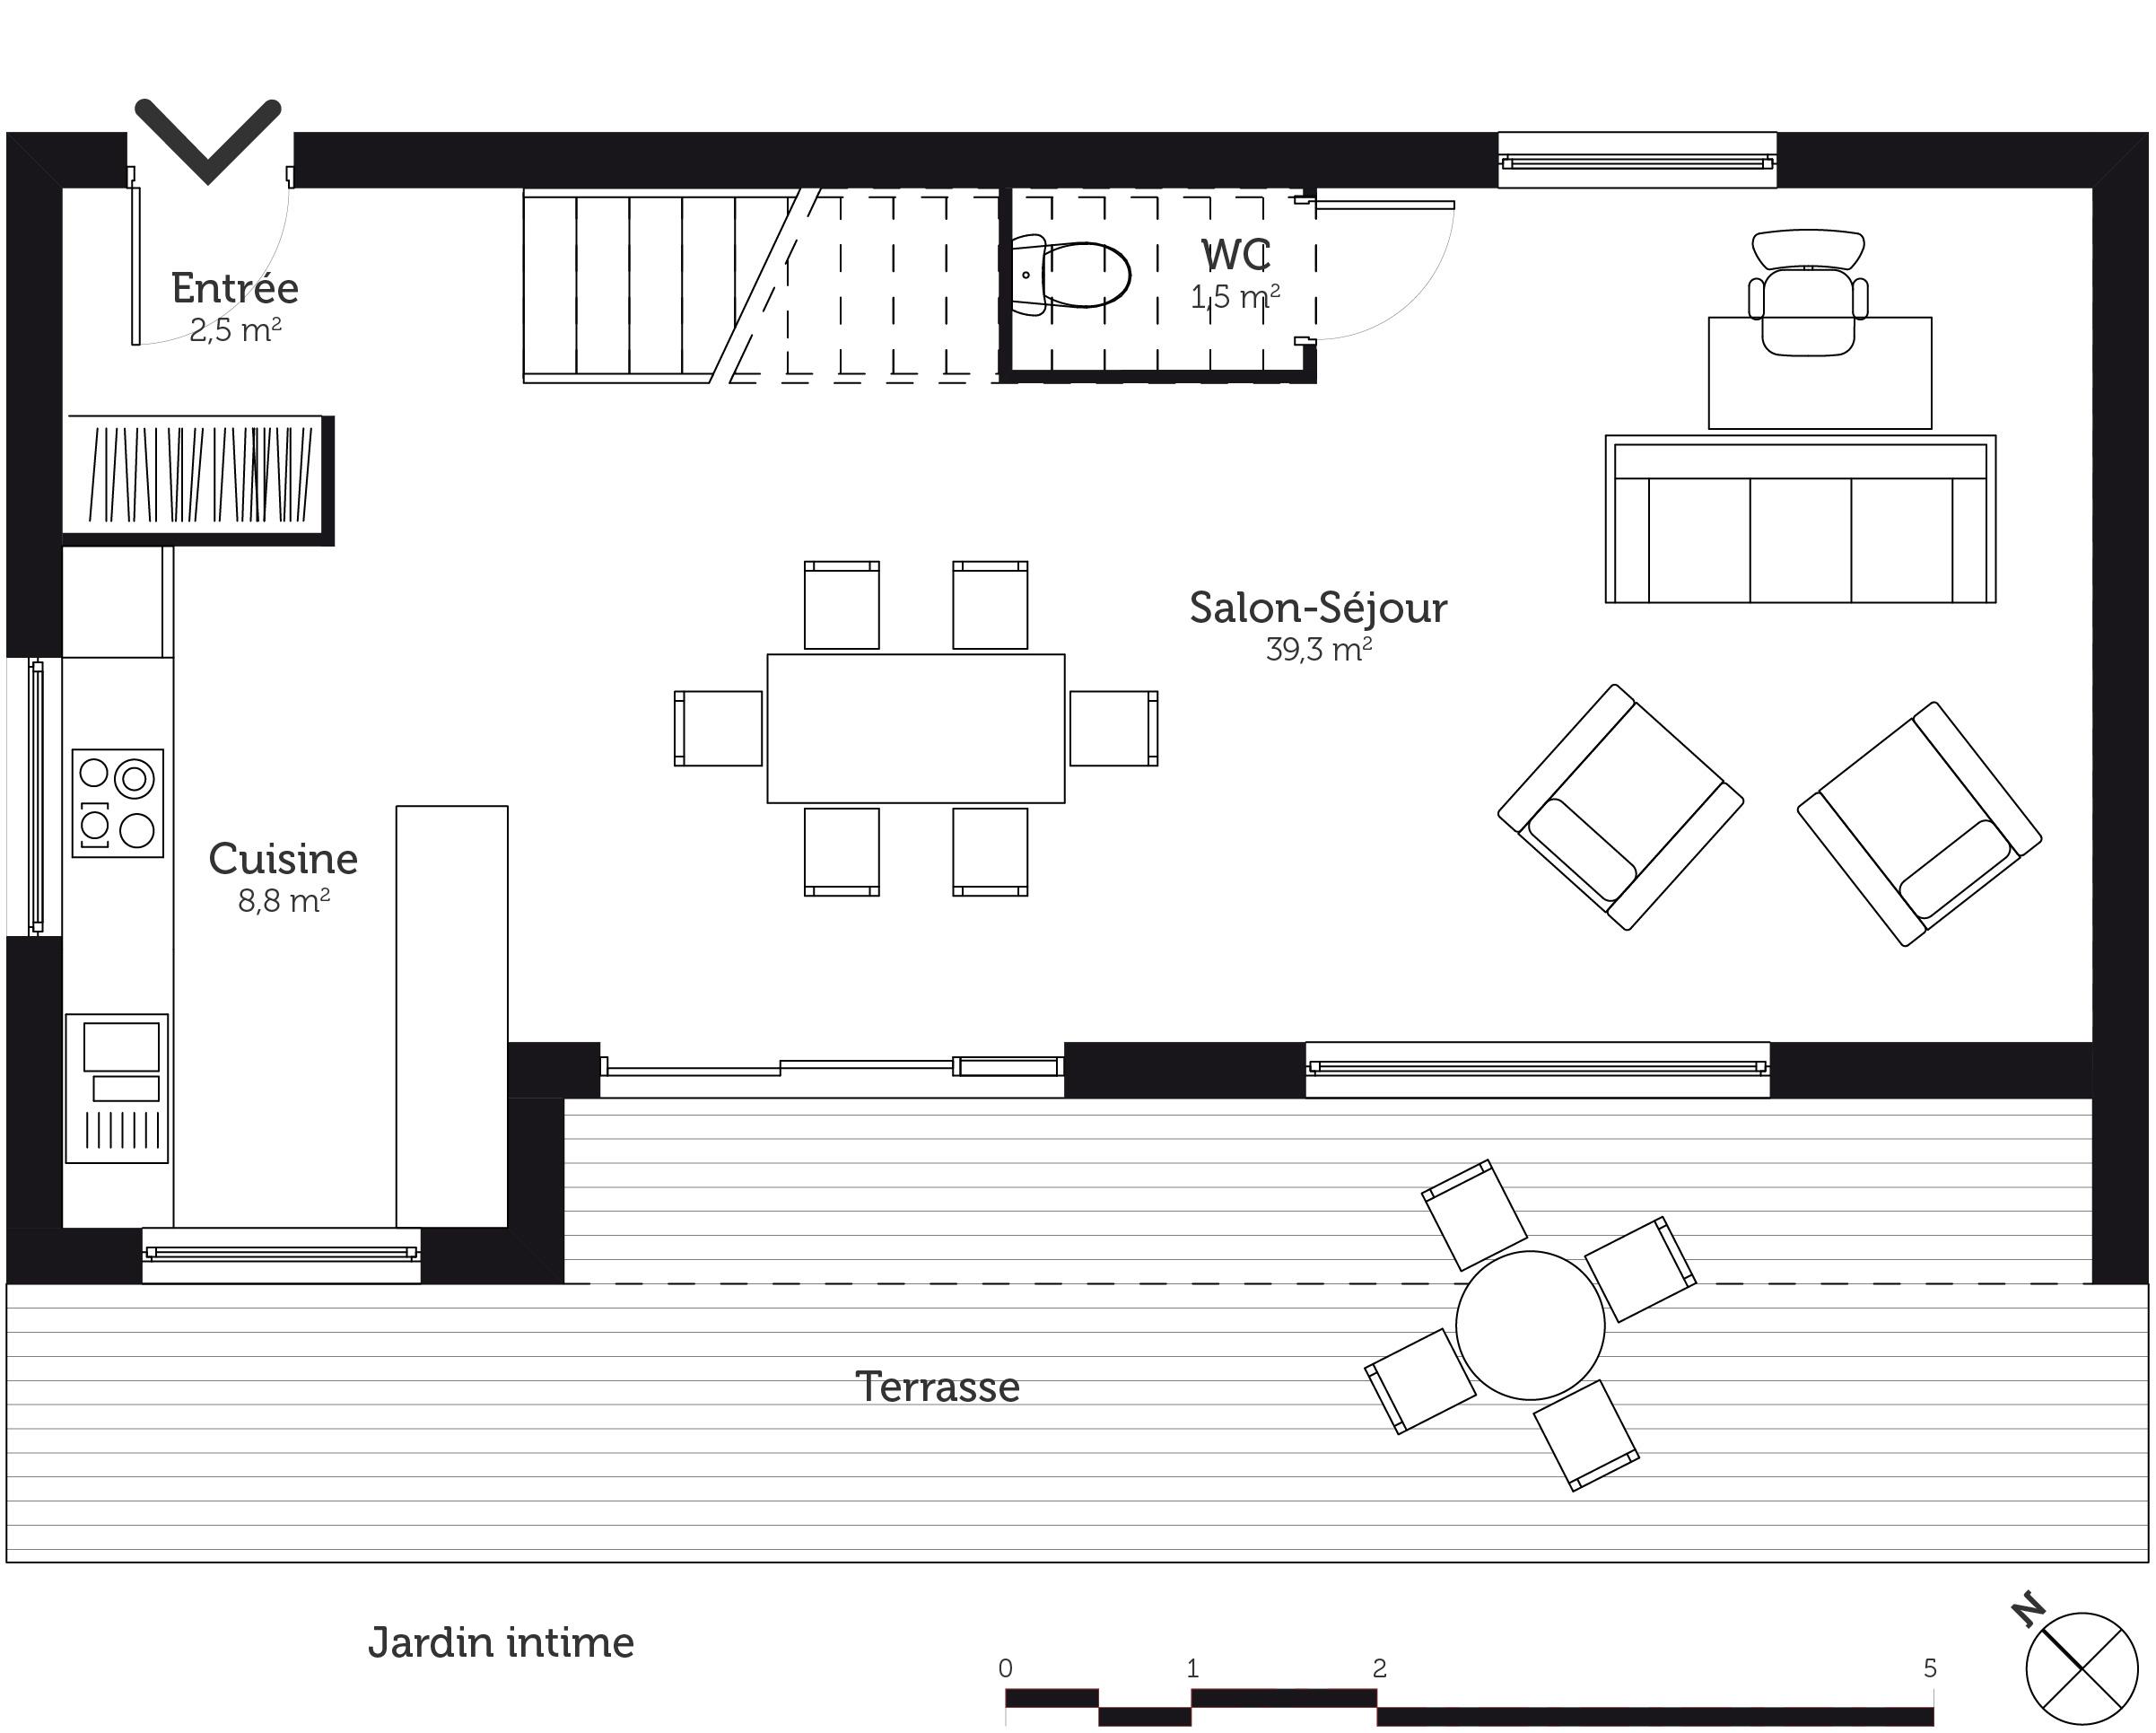 Plan Salle De Bain En Longueur Luxe Galerie Plan Maison Tage 110 M Avec 3 Chambres Ooreka De A Etage Gratuit